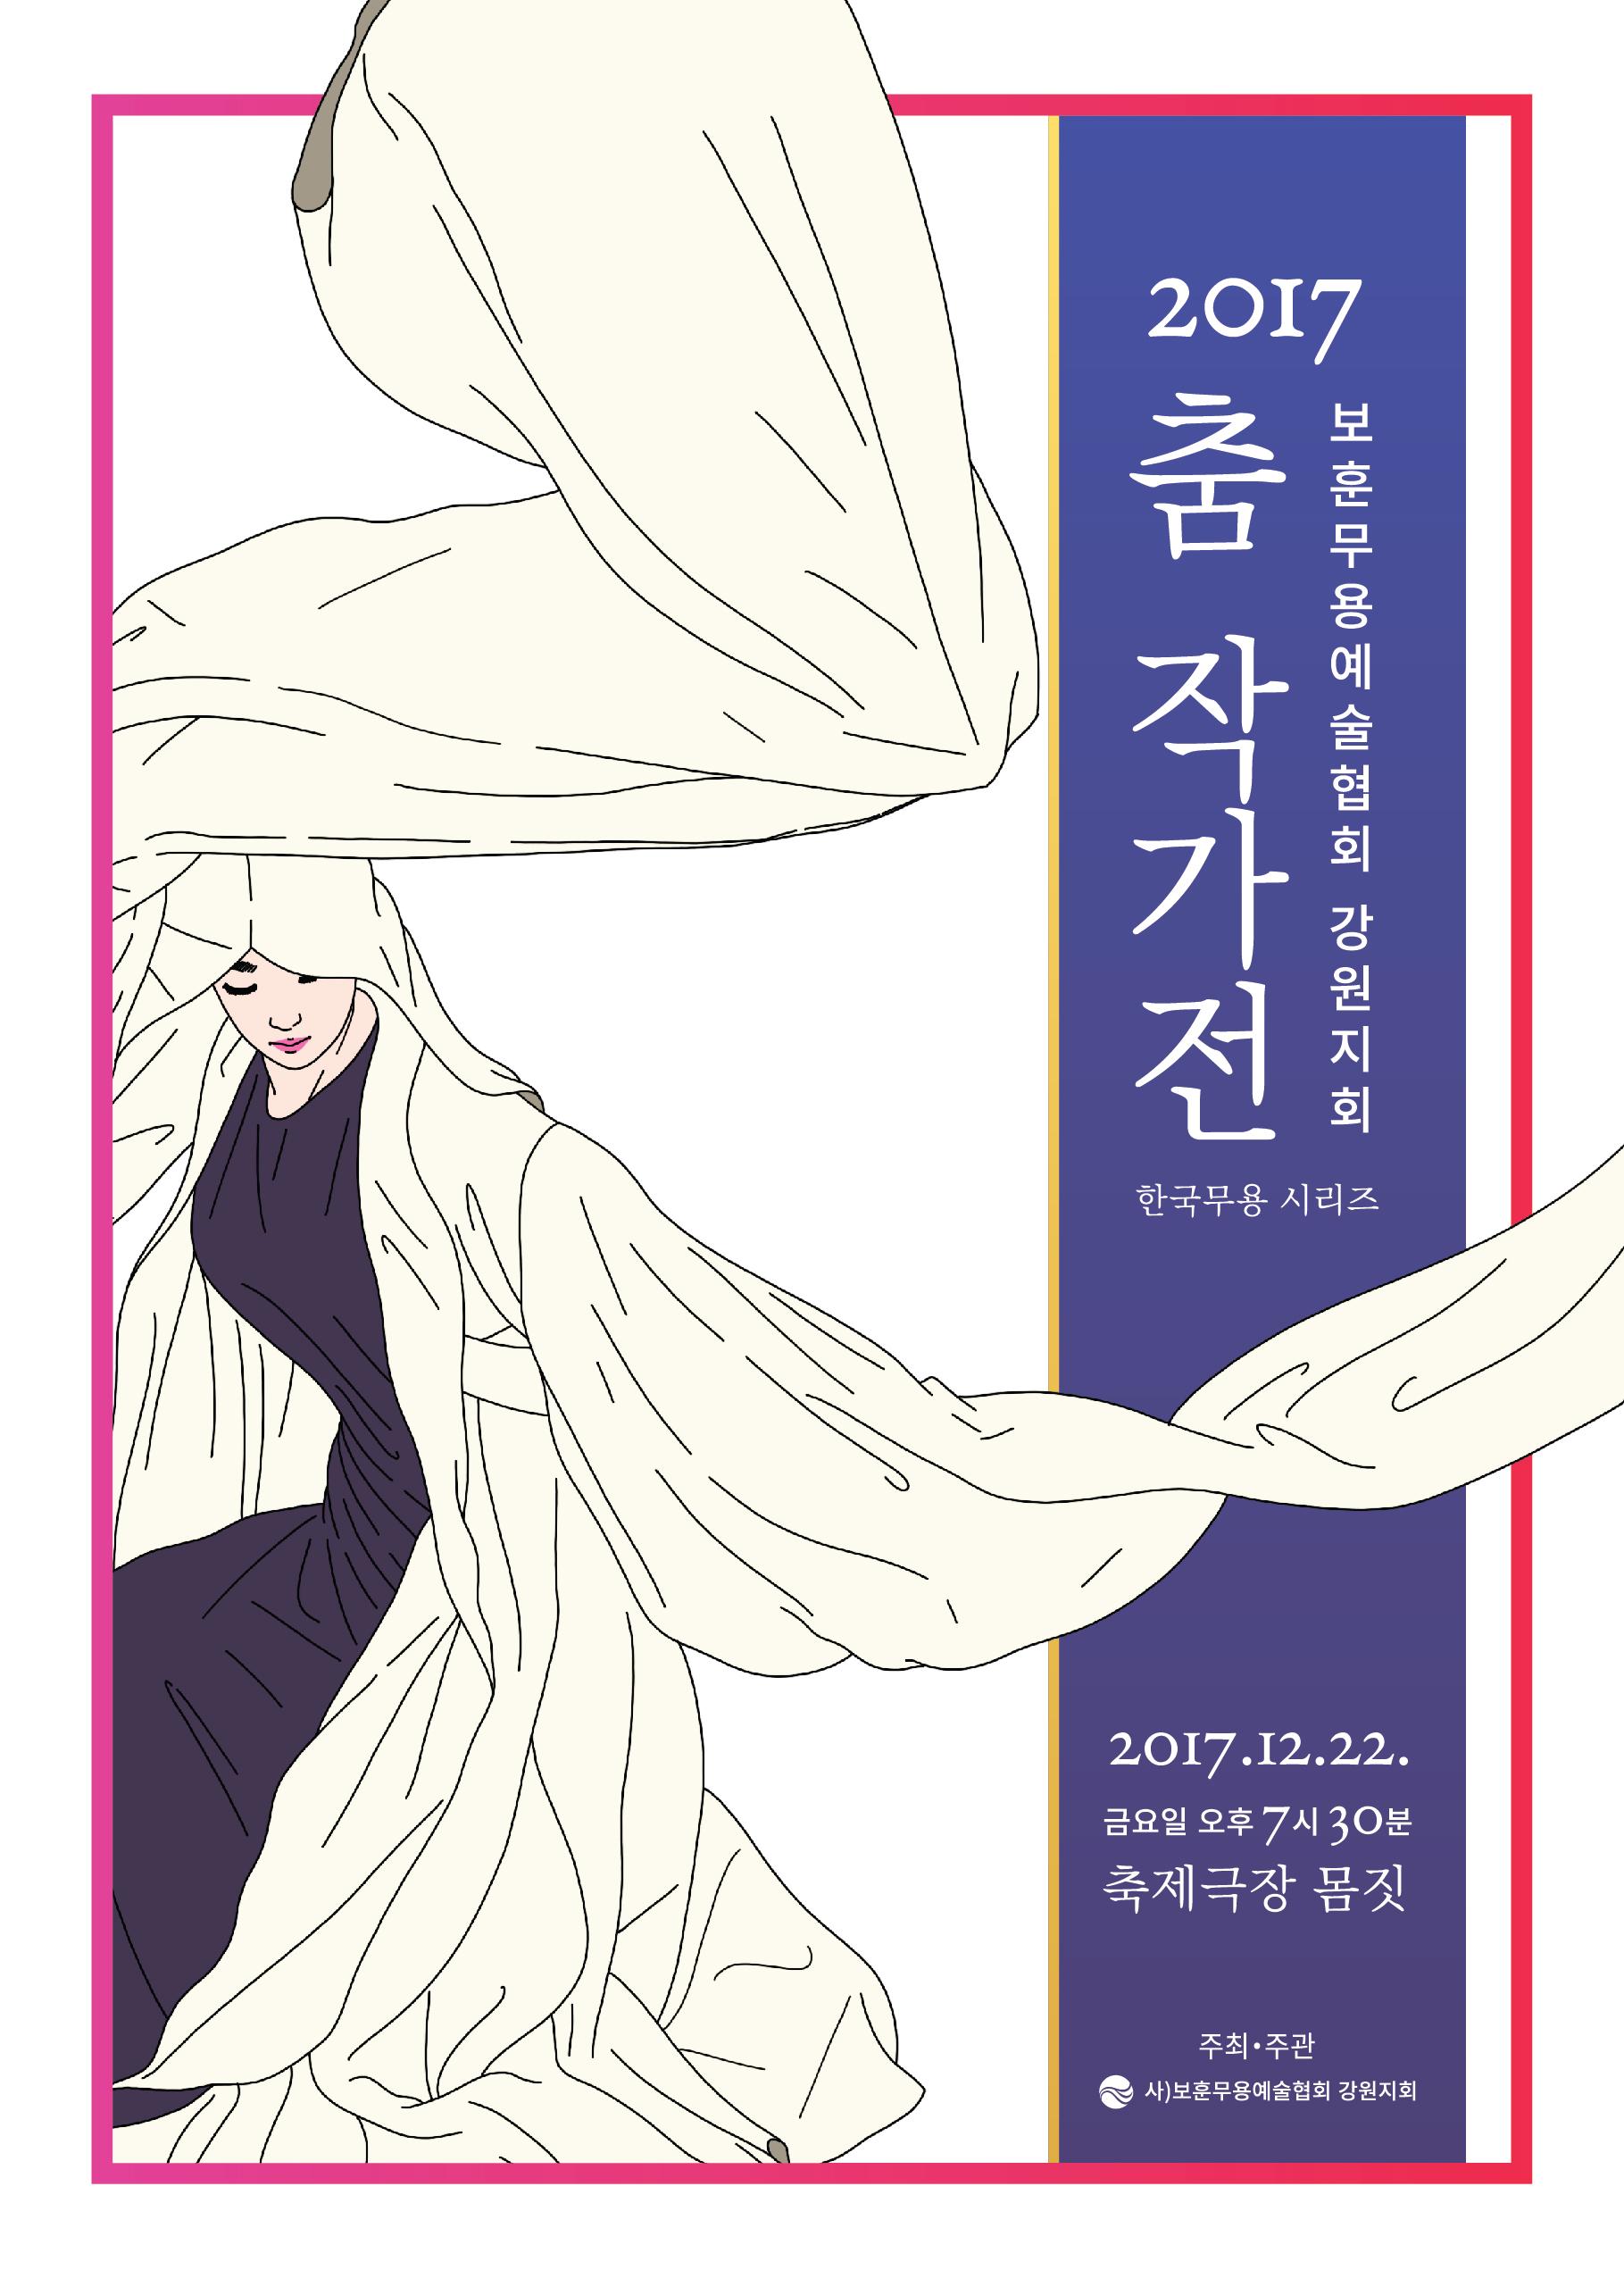 보훈무용-01.jpg